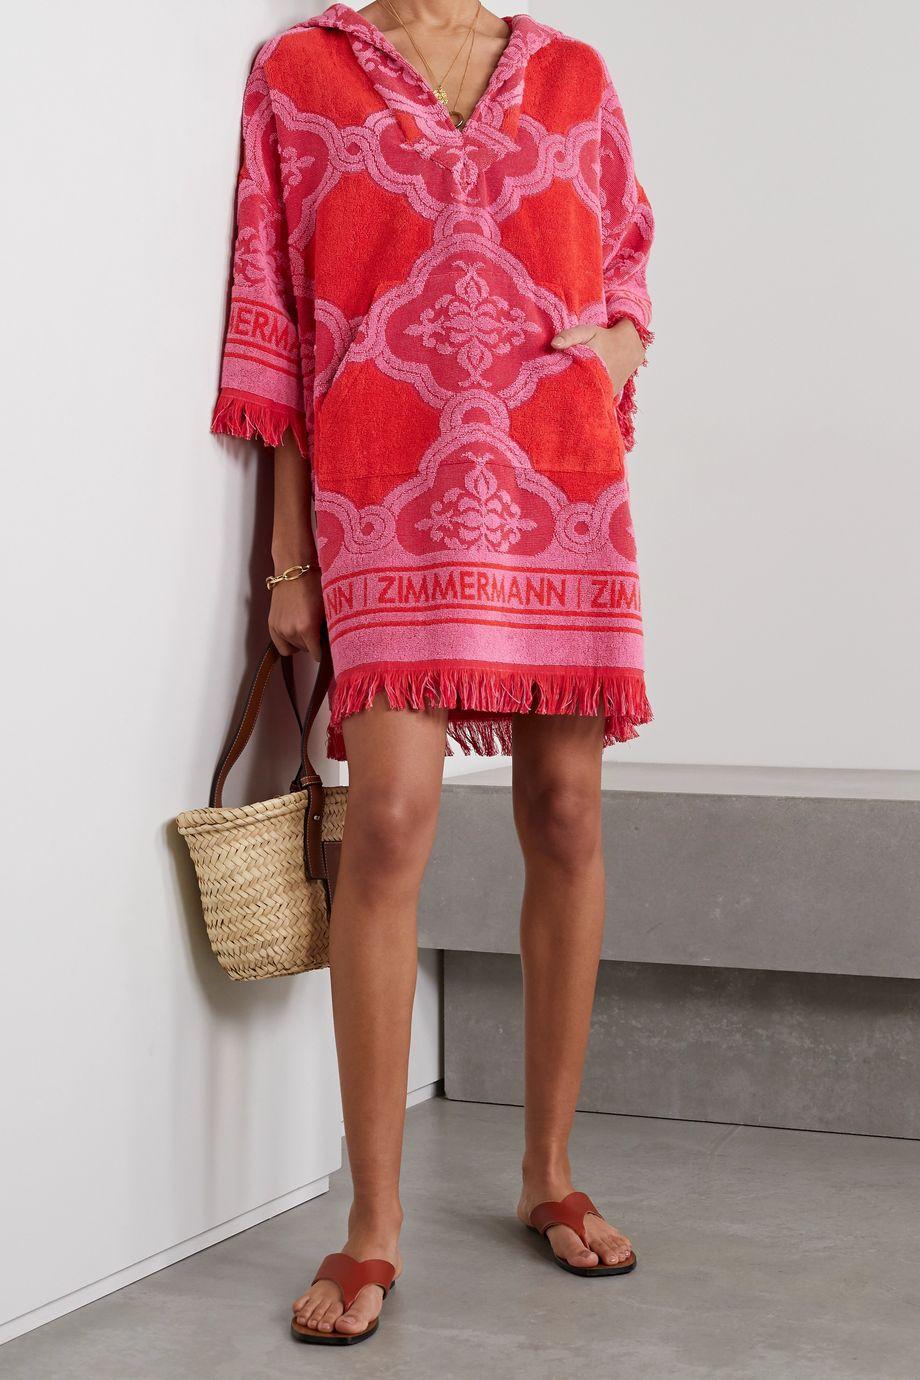 Zimmermann Poppy Minikleid aus Baumwollfrottee mit Jacquard-Muster, Kapuze und Fransen